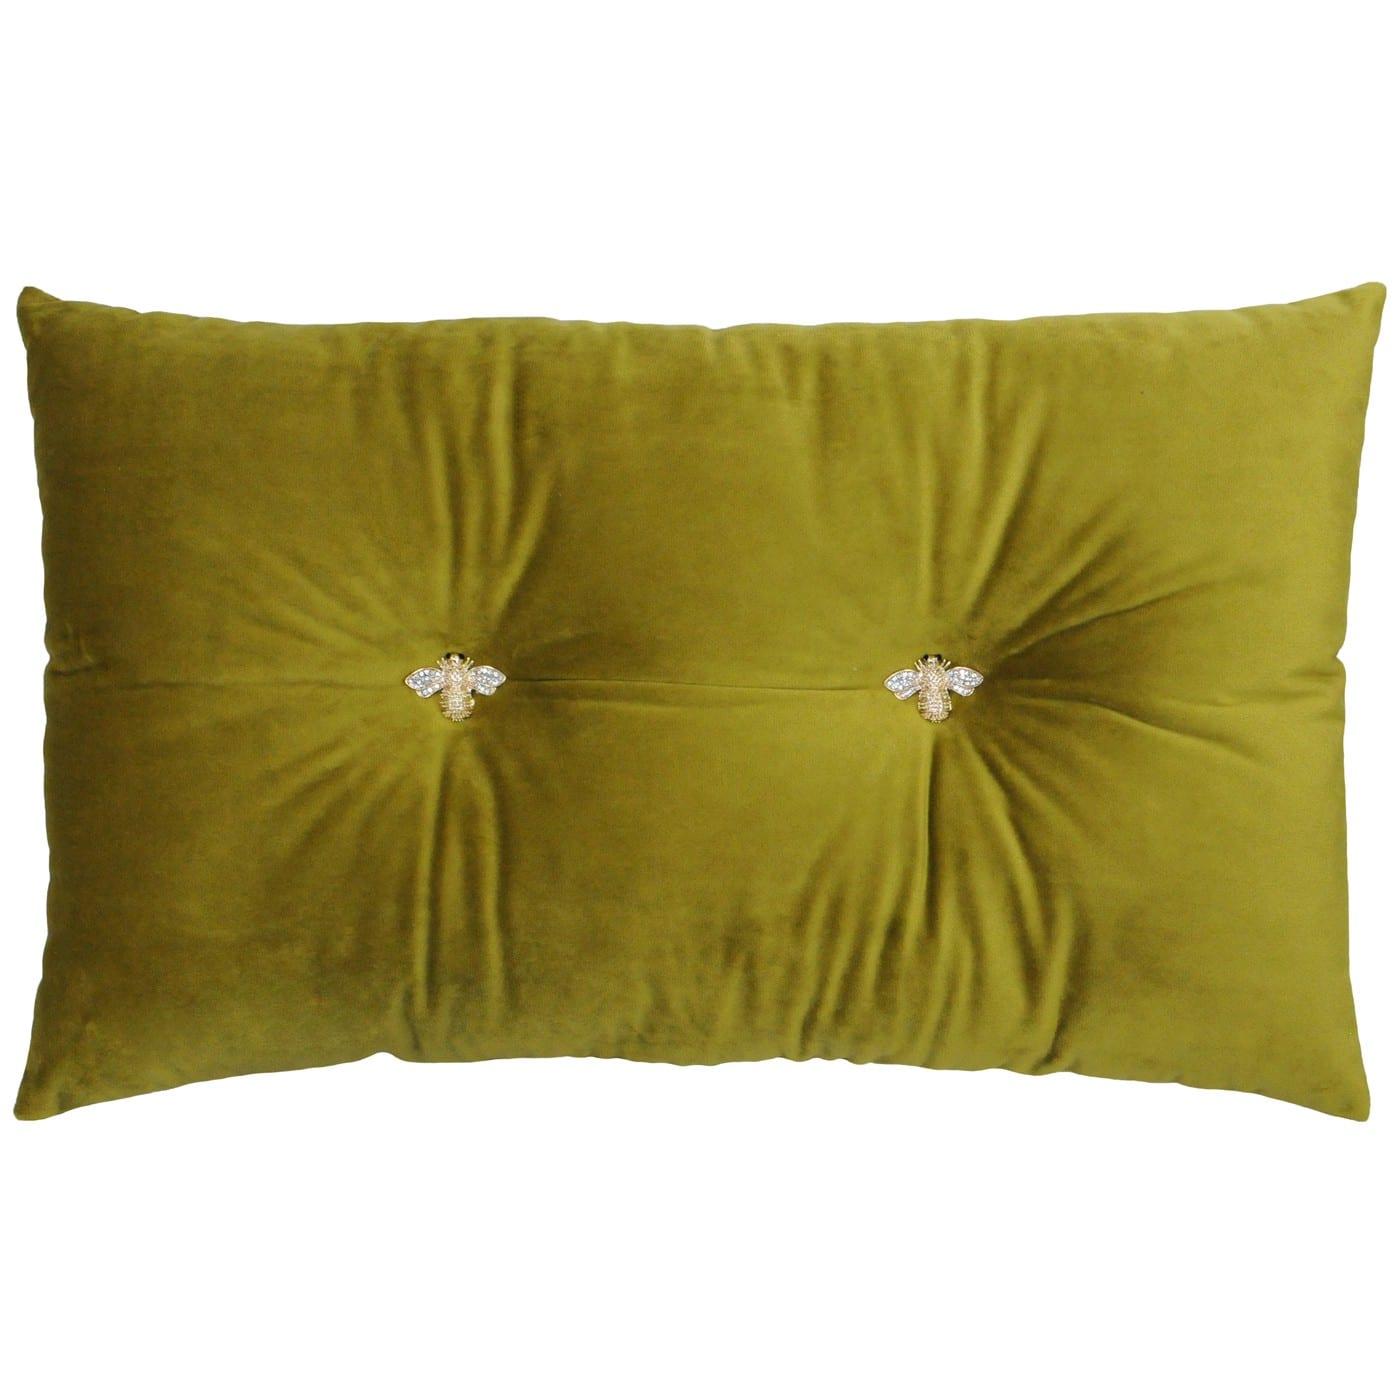 Bumble Cushion